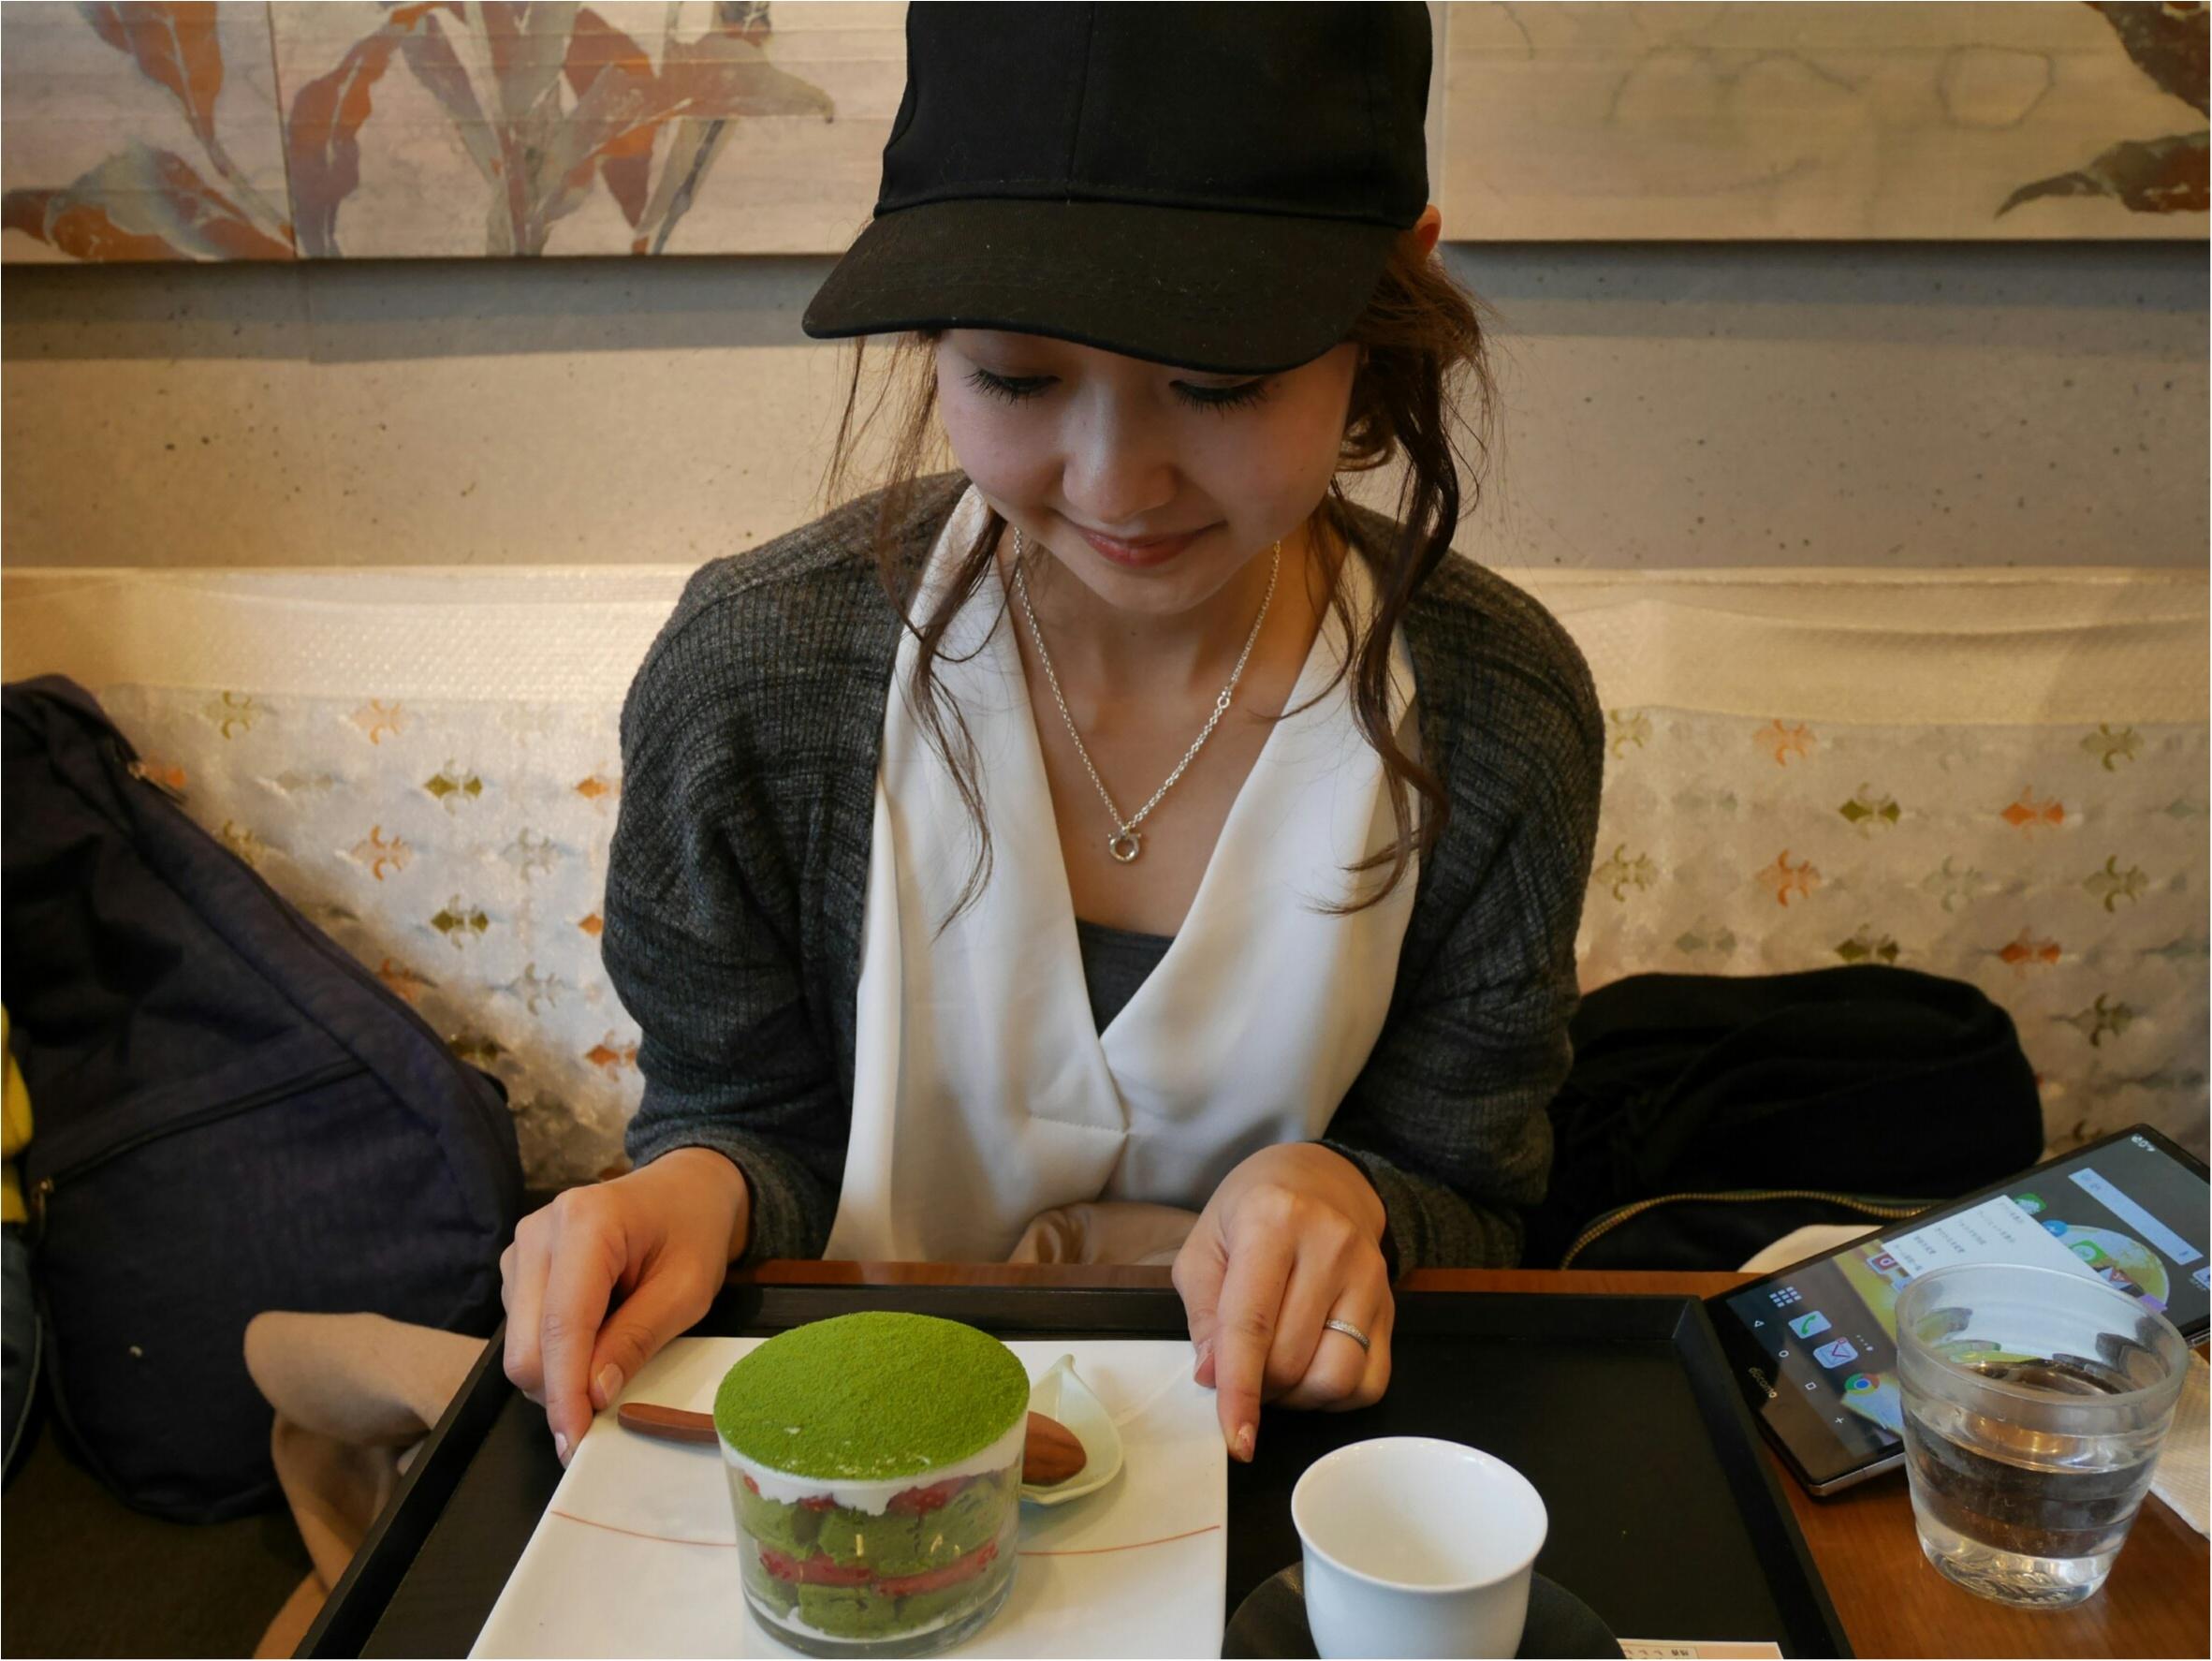 表参道にある「茶茶の間」は幅広い年代から愛される日本茶のカフェだった。_11